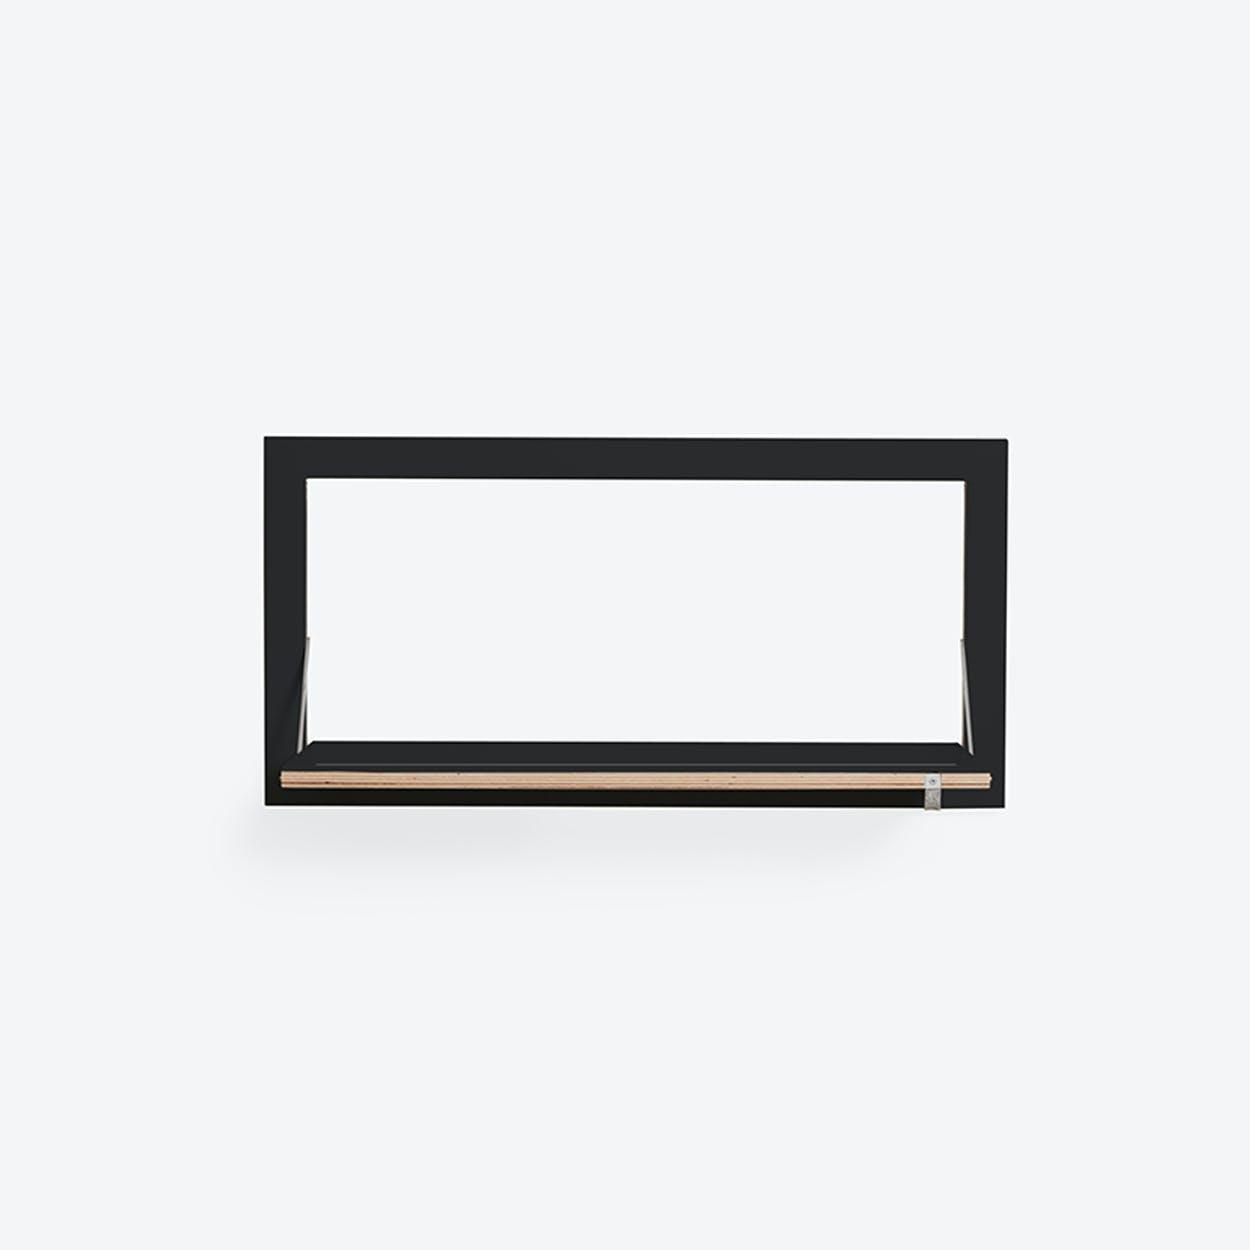 Fläpps Clothes Rail Hangrail - Black